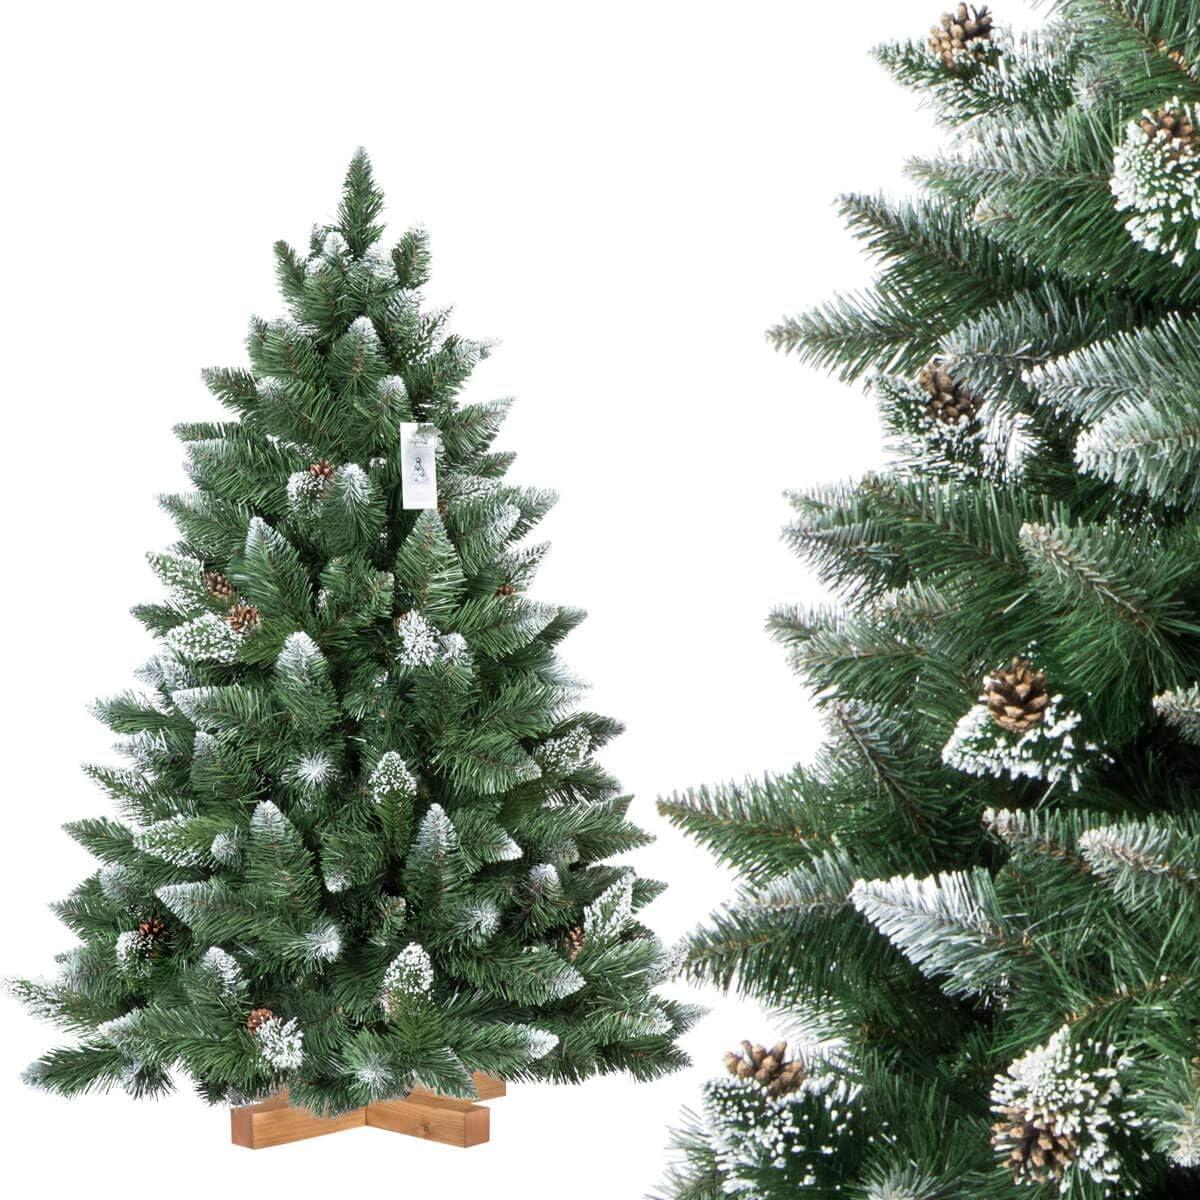 FairyTrees Árbol de Navidad Artificial, Pino Verde Natural Cubierto de Nieve, PVC, con piñas Naturales, Soporte de Madera, 120cm, FT04-120: Amazon.es: Hogar